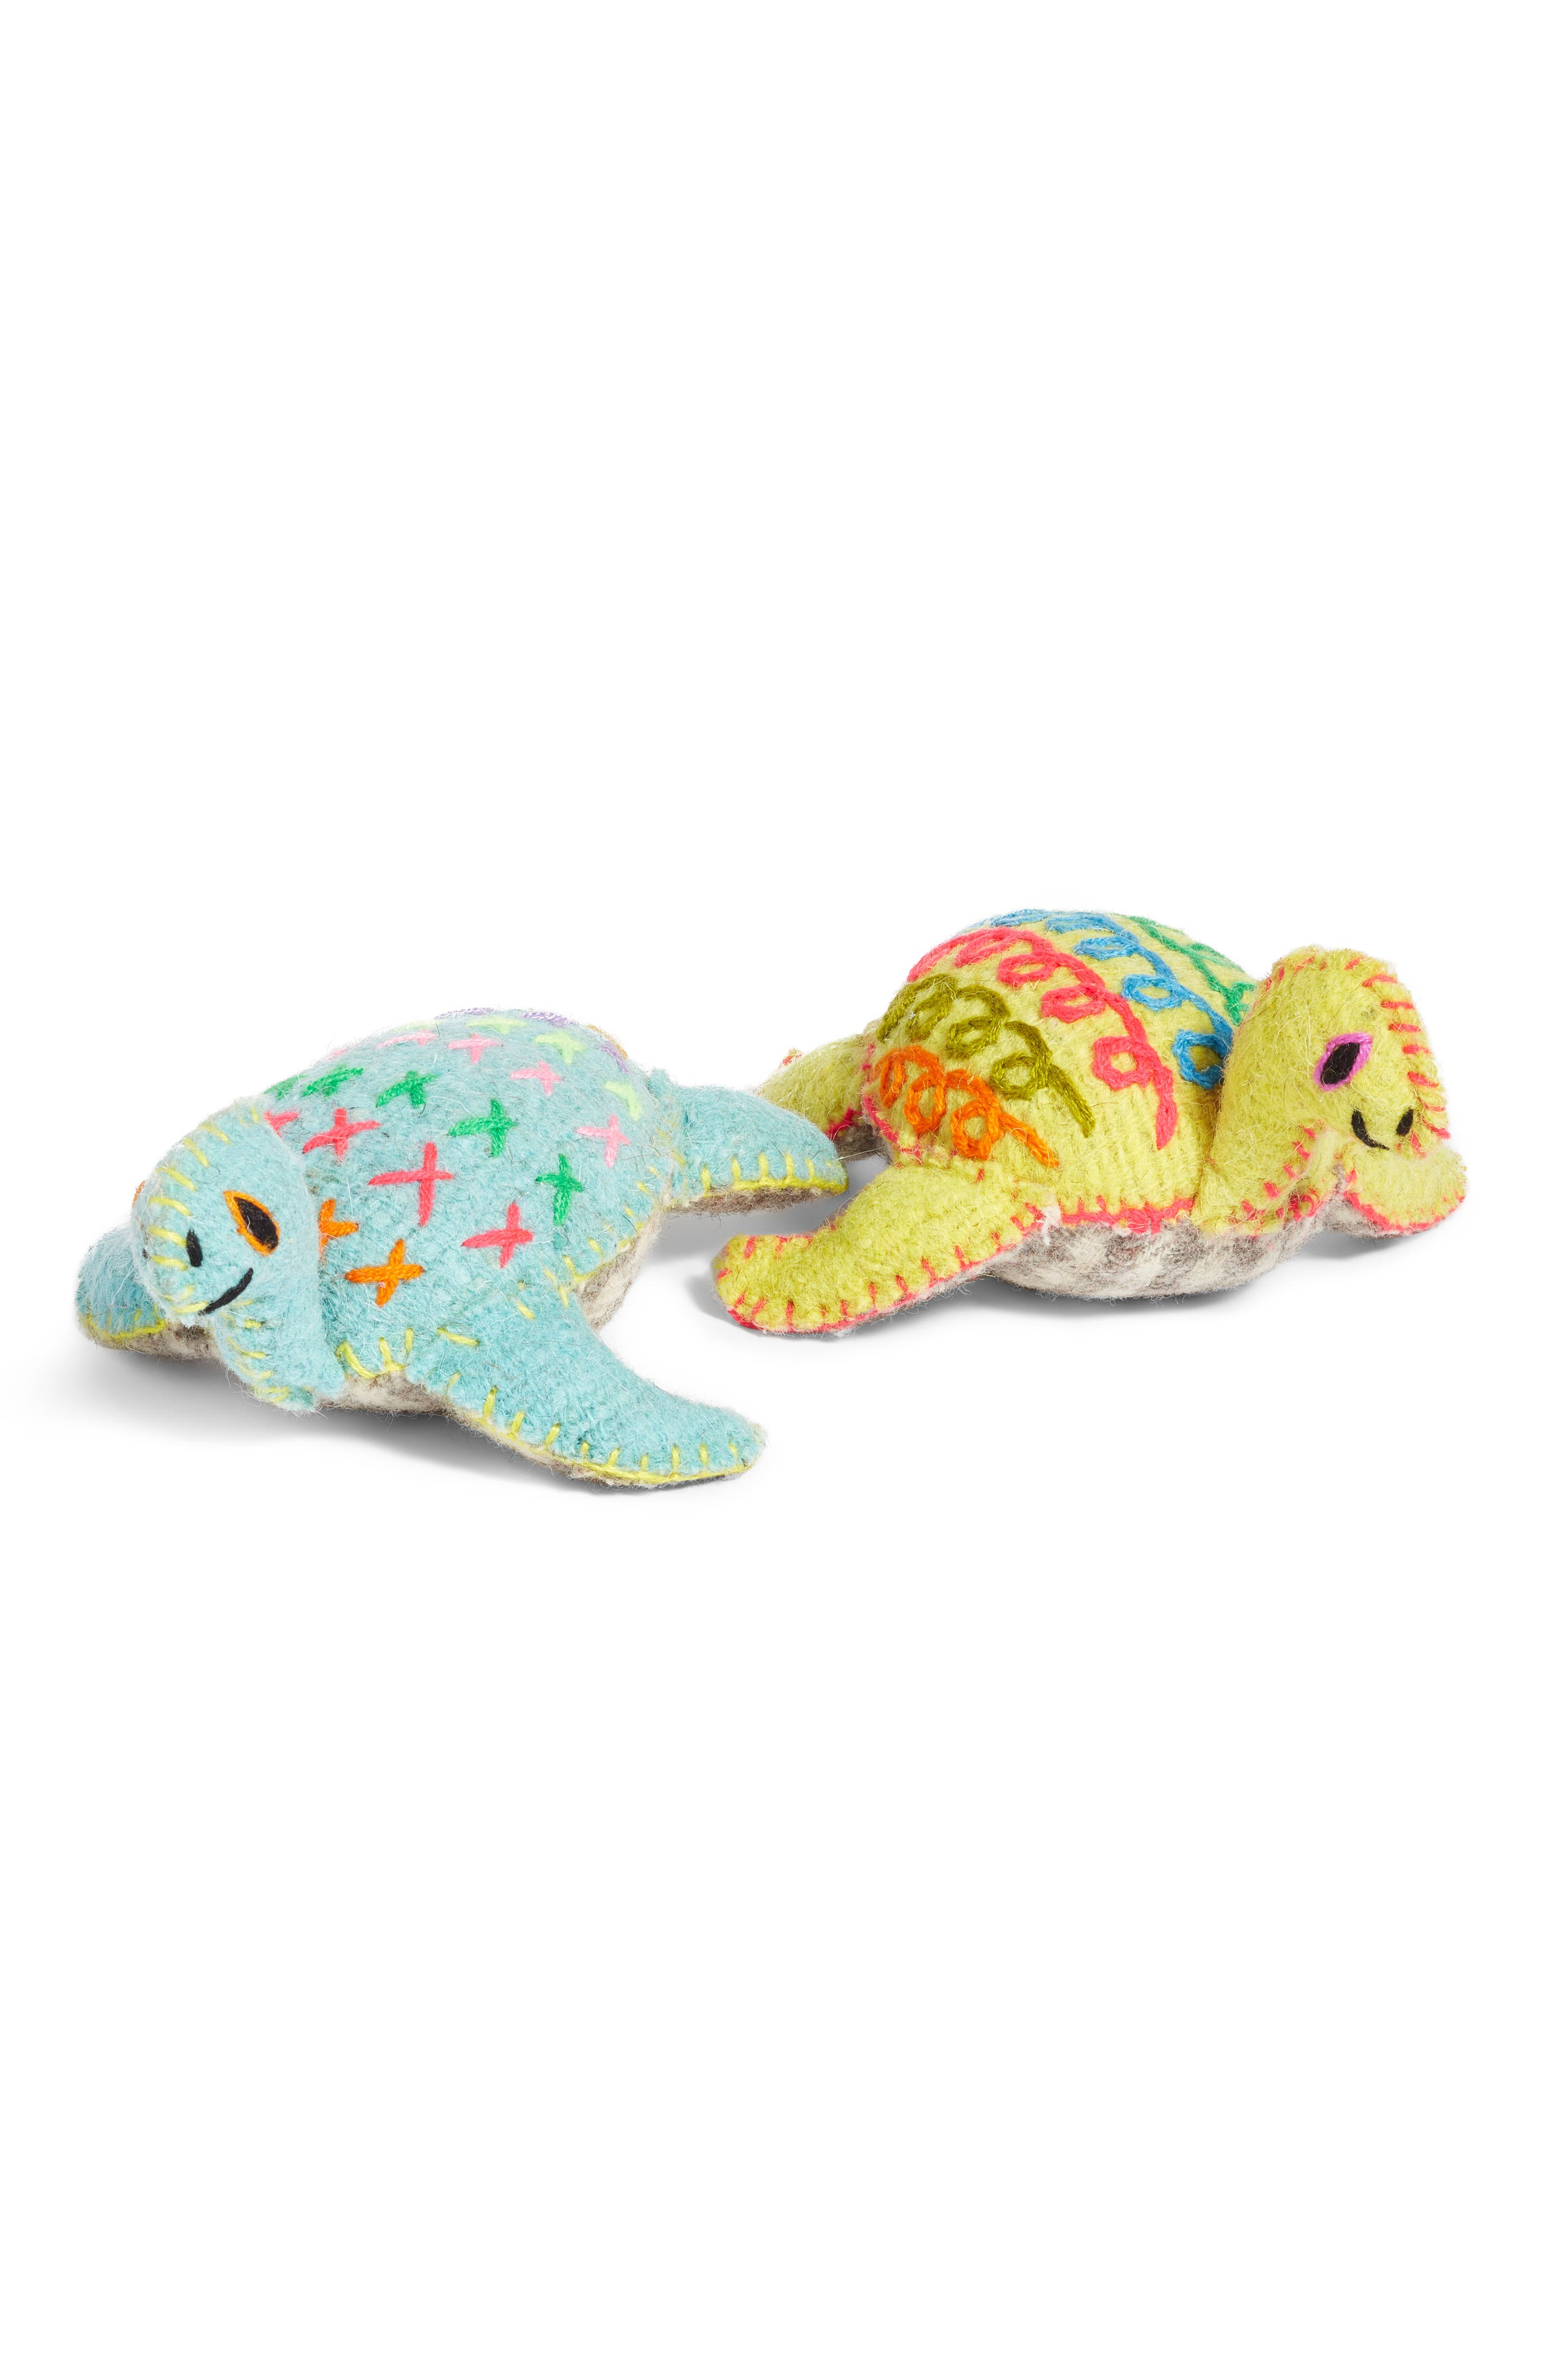 Sea Turtle Stuffed Animal,                             Alternate thumbnail 3, color,                             960